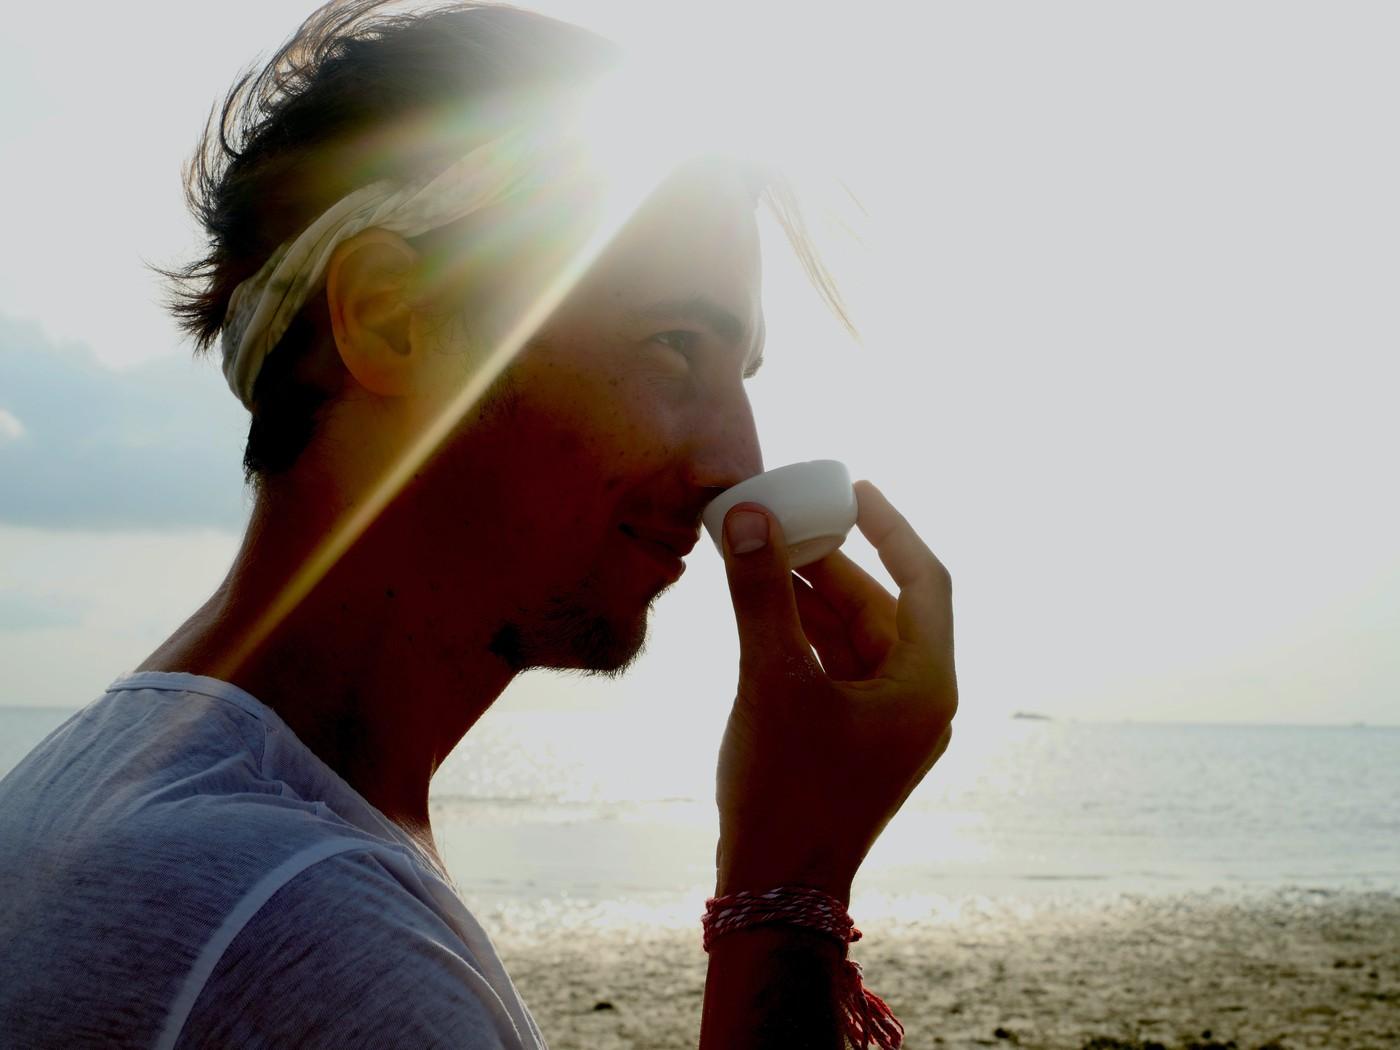 Меня зовут Петр и я чайный пьяница